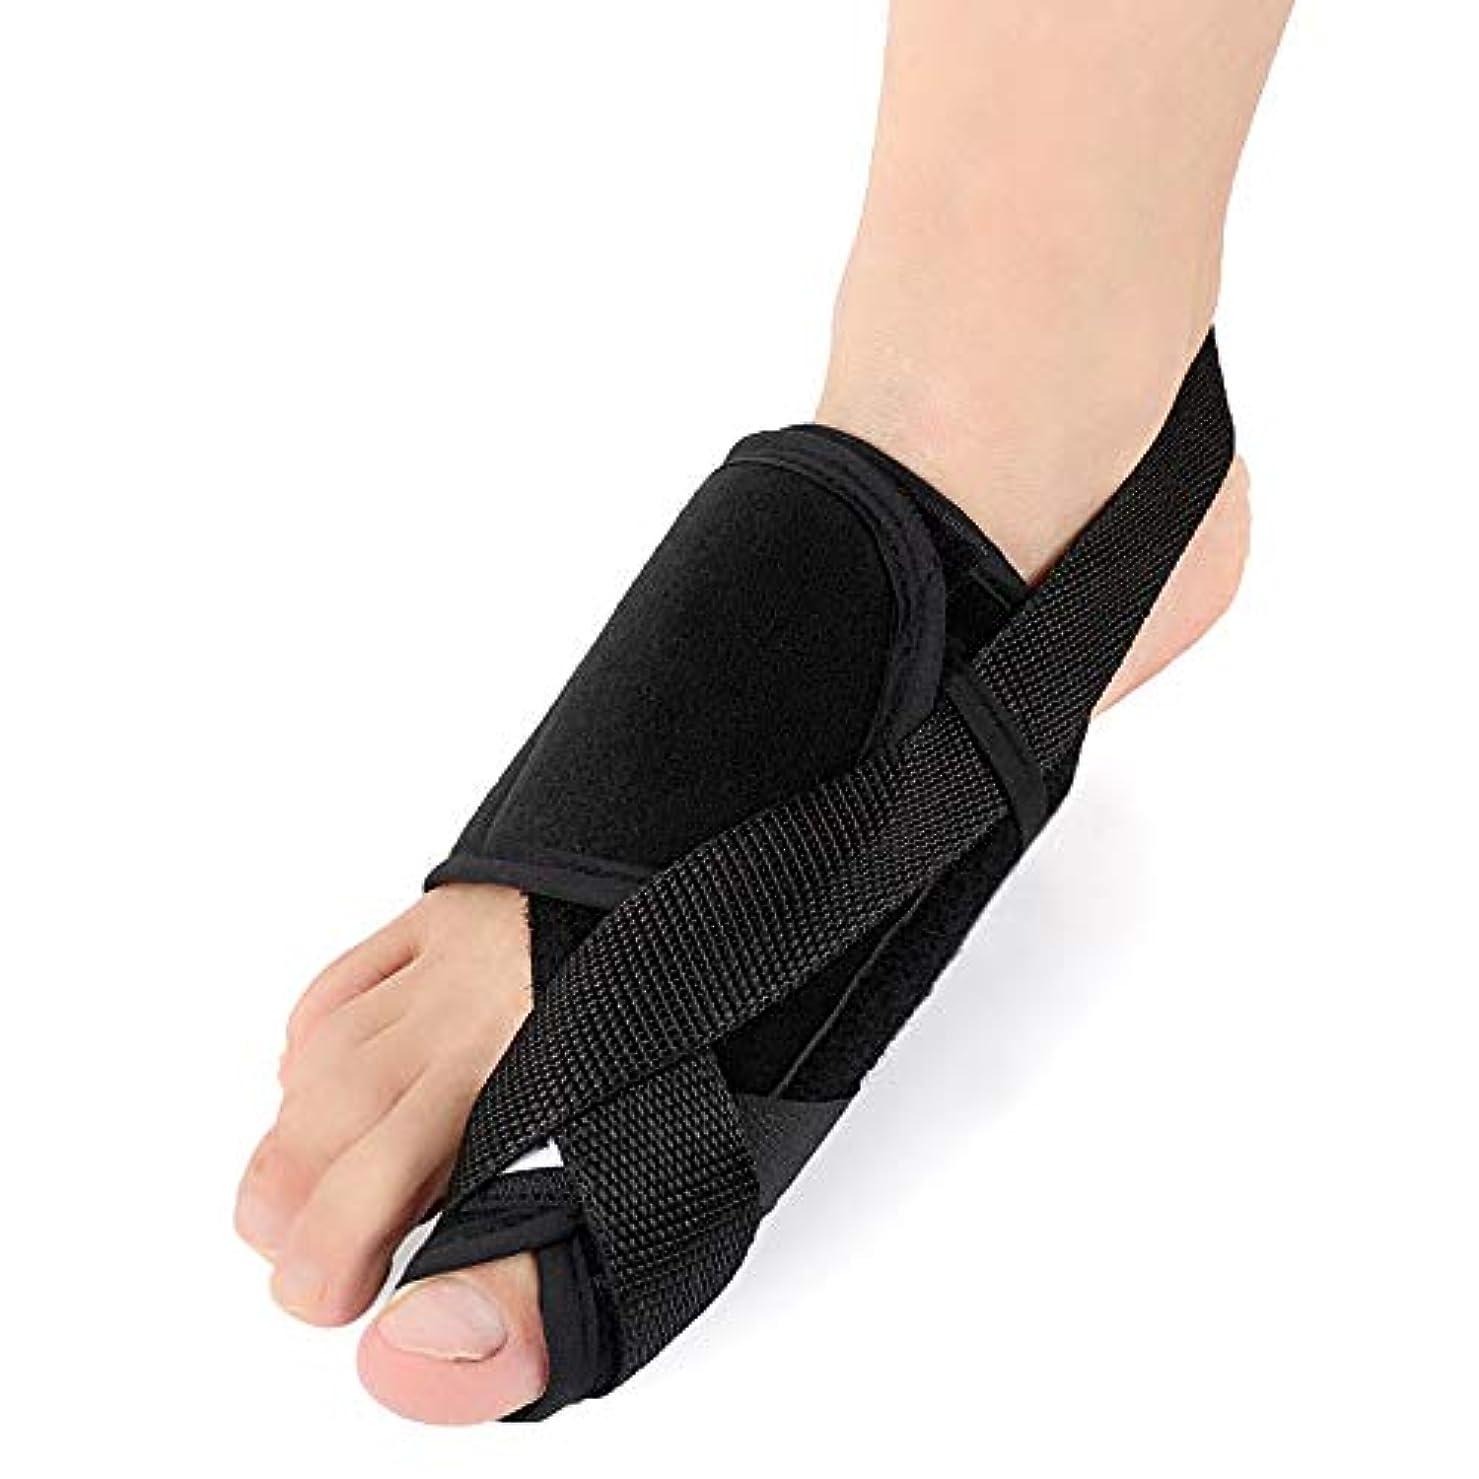 オーナーピルファーバンジージャンプ外反母趾足指セパレーターは足指重複嚢胞通気性吸収汗を防ぎヨガ後の痛みと変形を軽減,S